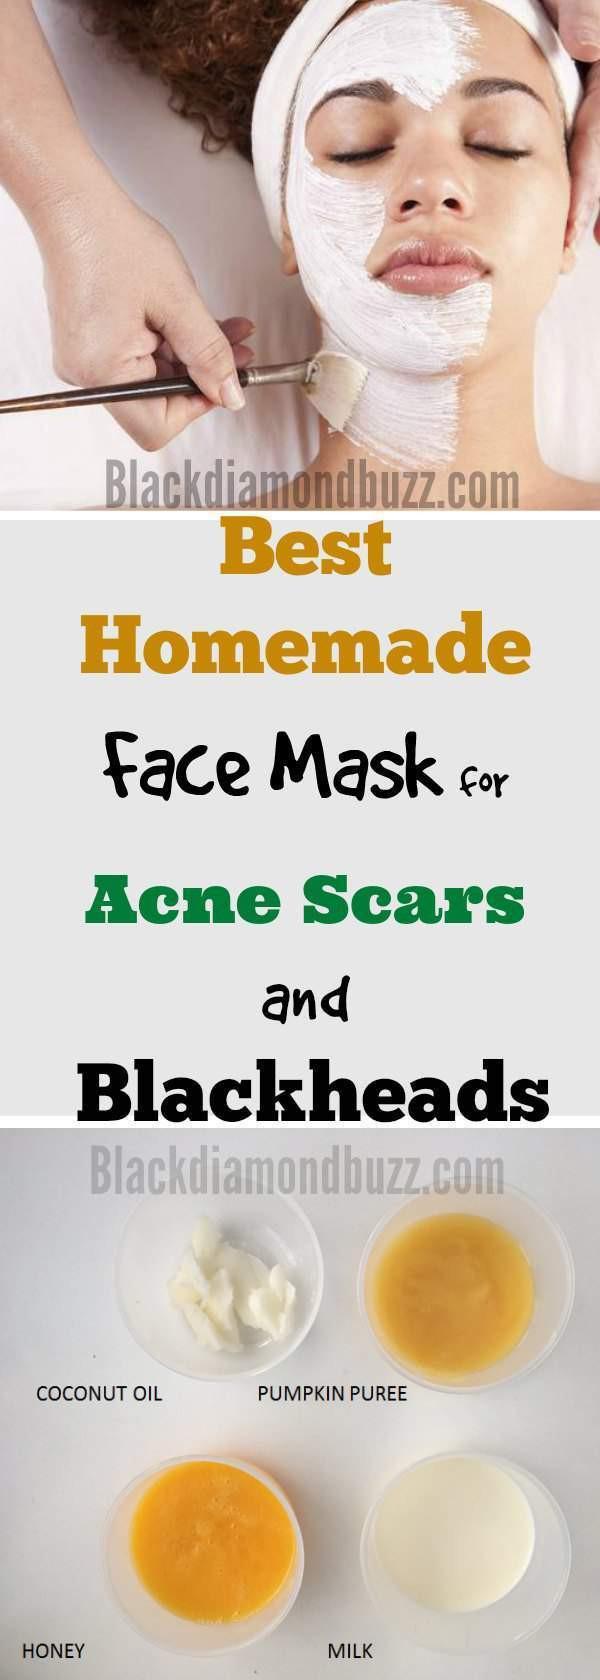 DIY Acne Mask  DIY Face Mask for Acne 7 Best Homemade Face Masks